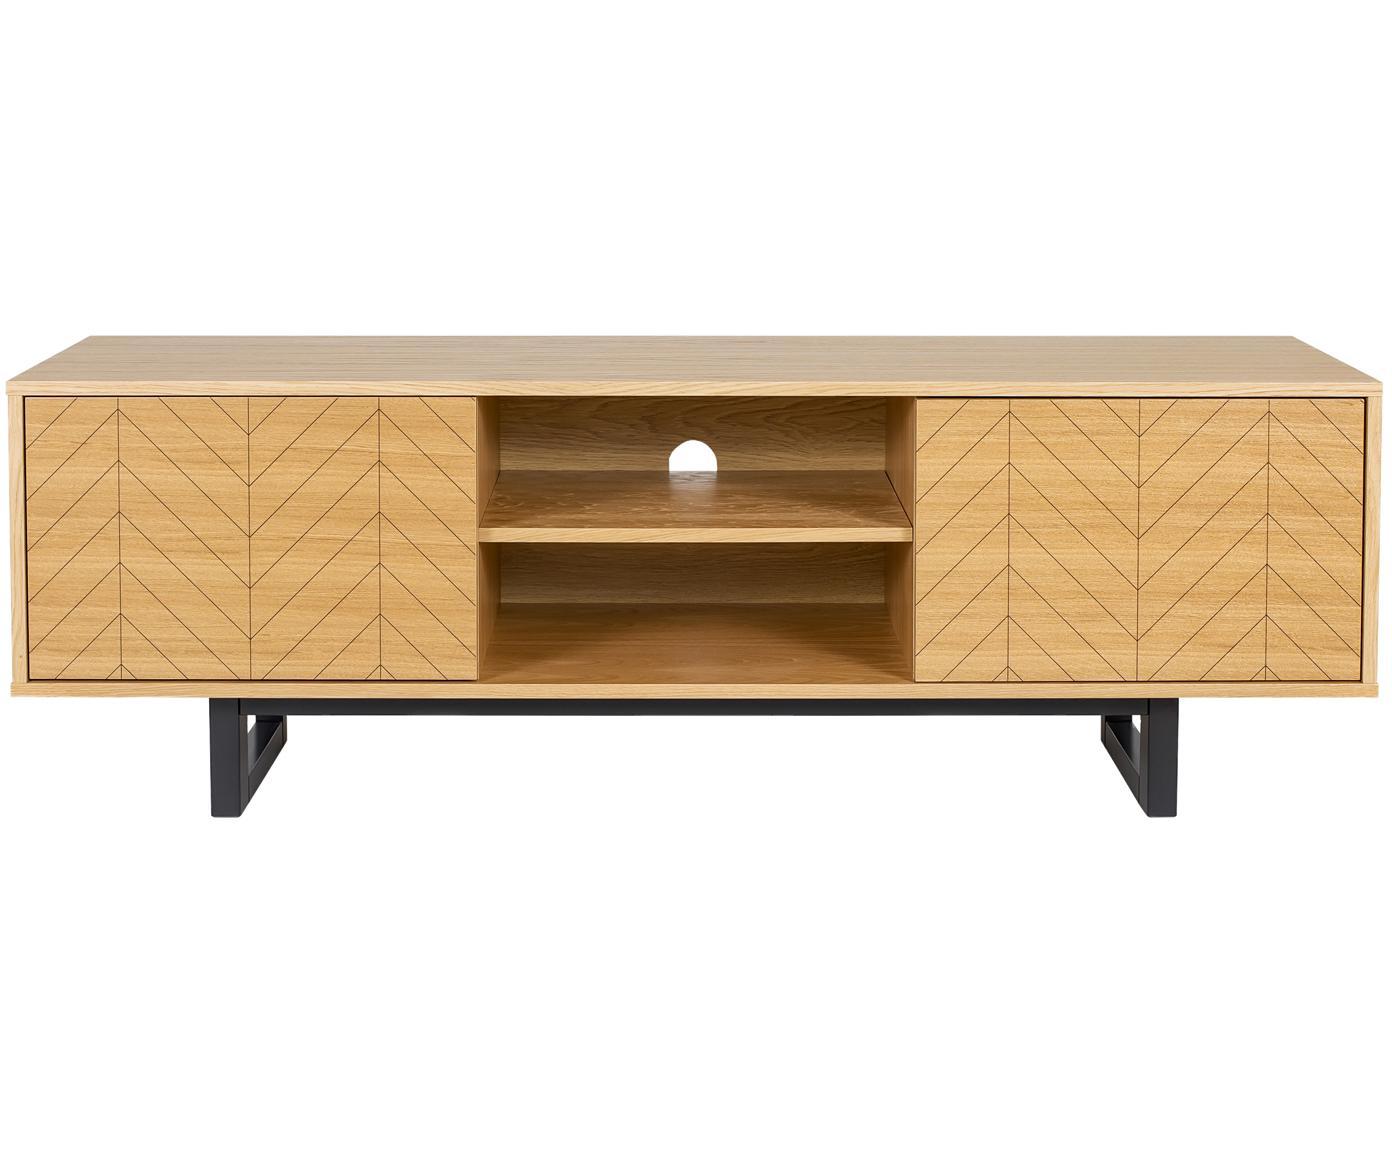 Design TV meubel Camden met eikenhoutfineer, Frame: MDF met eikenhoutfineer, Poten: gelakt berkenhout, Eikenhout, 150 x 50 cm